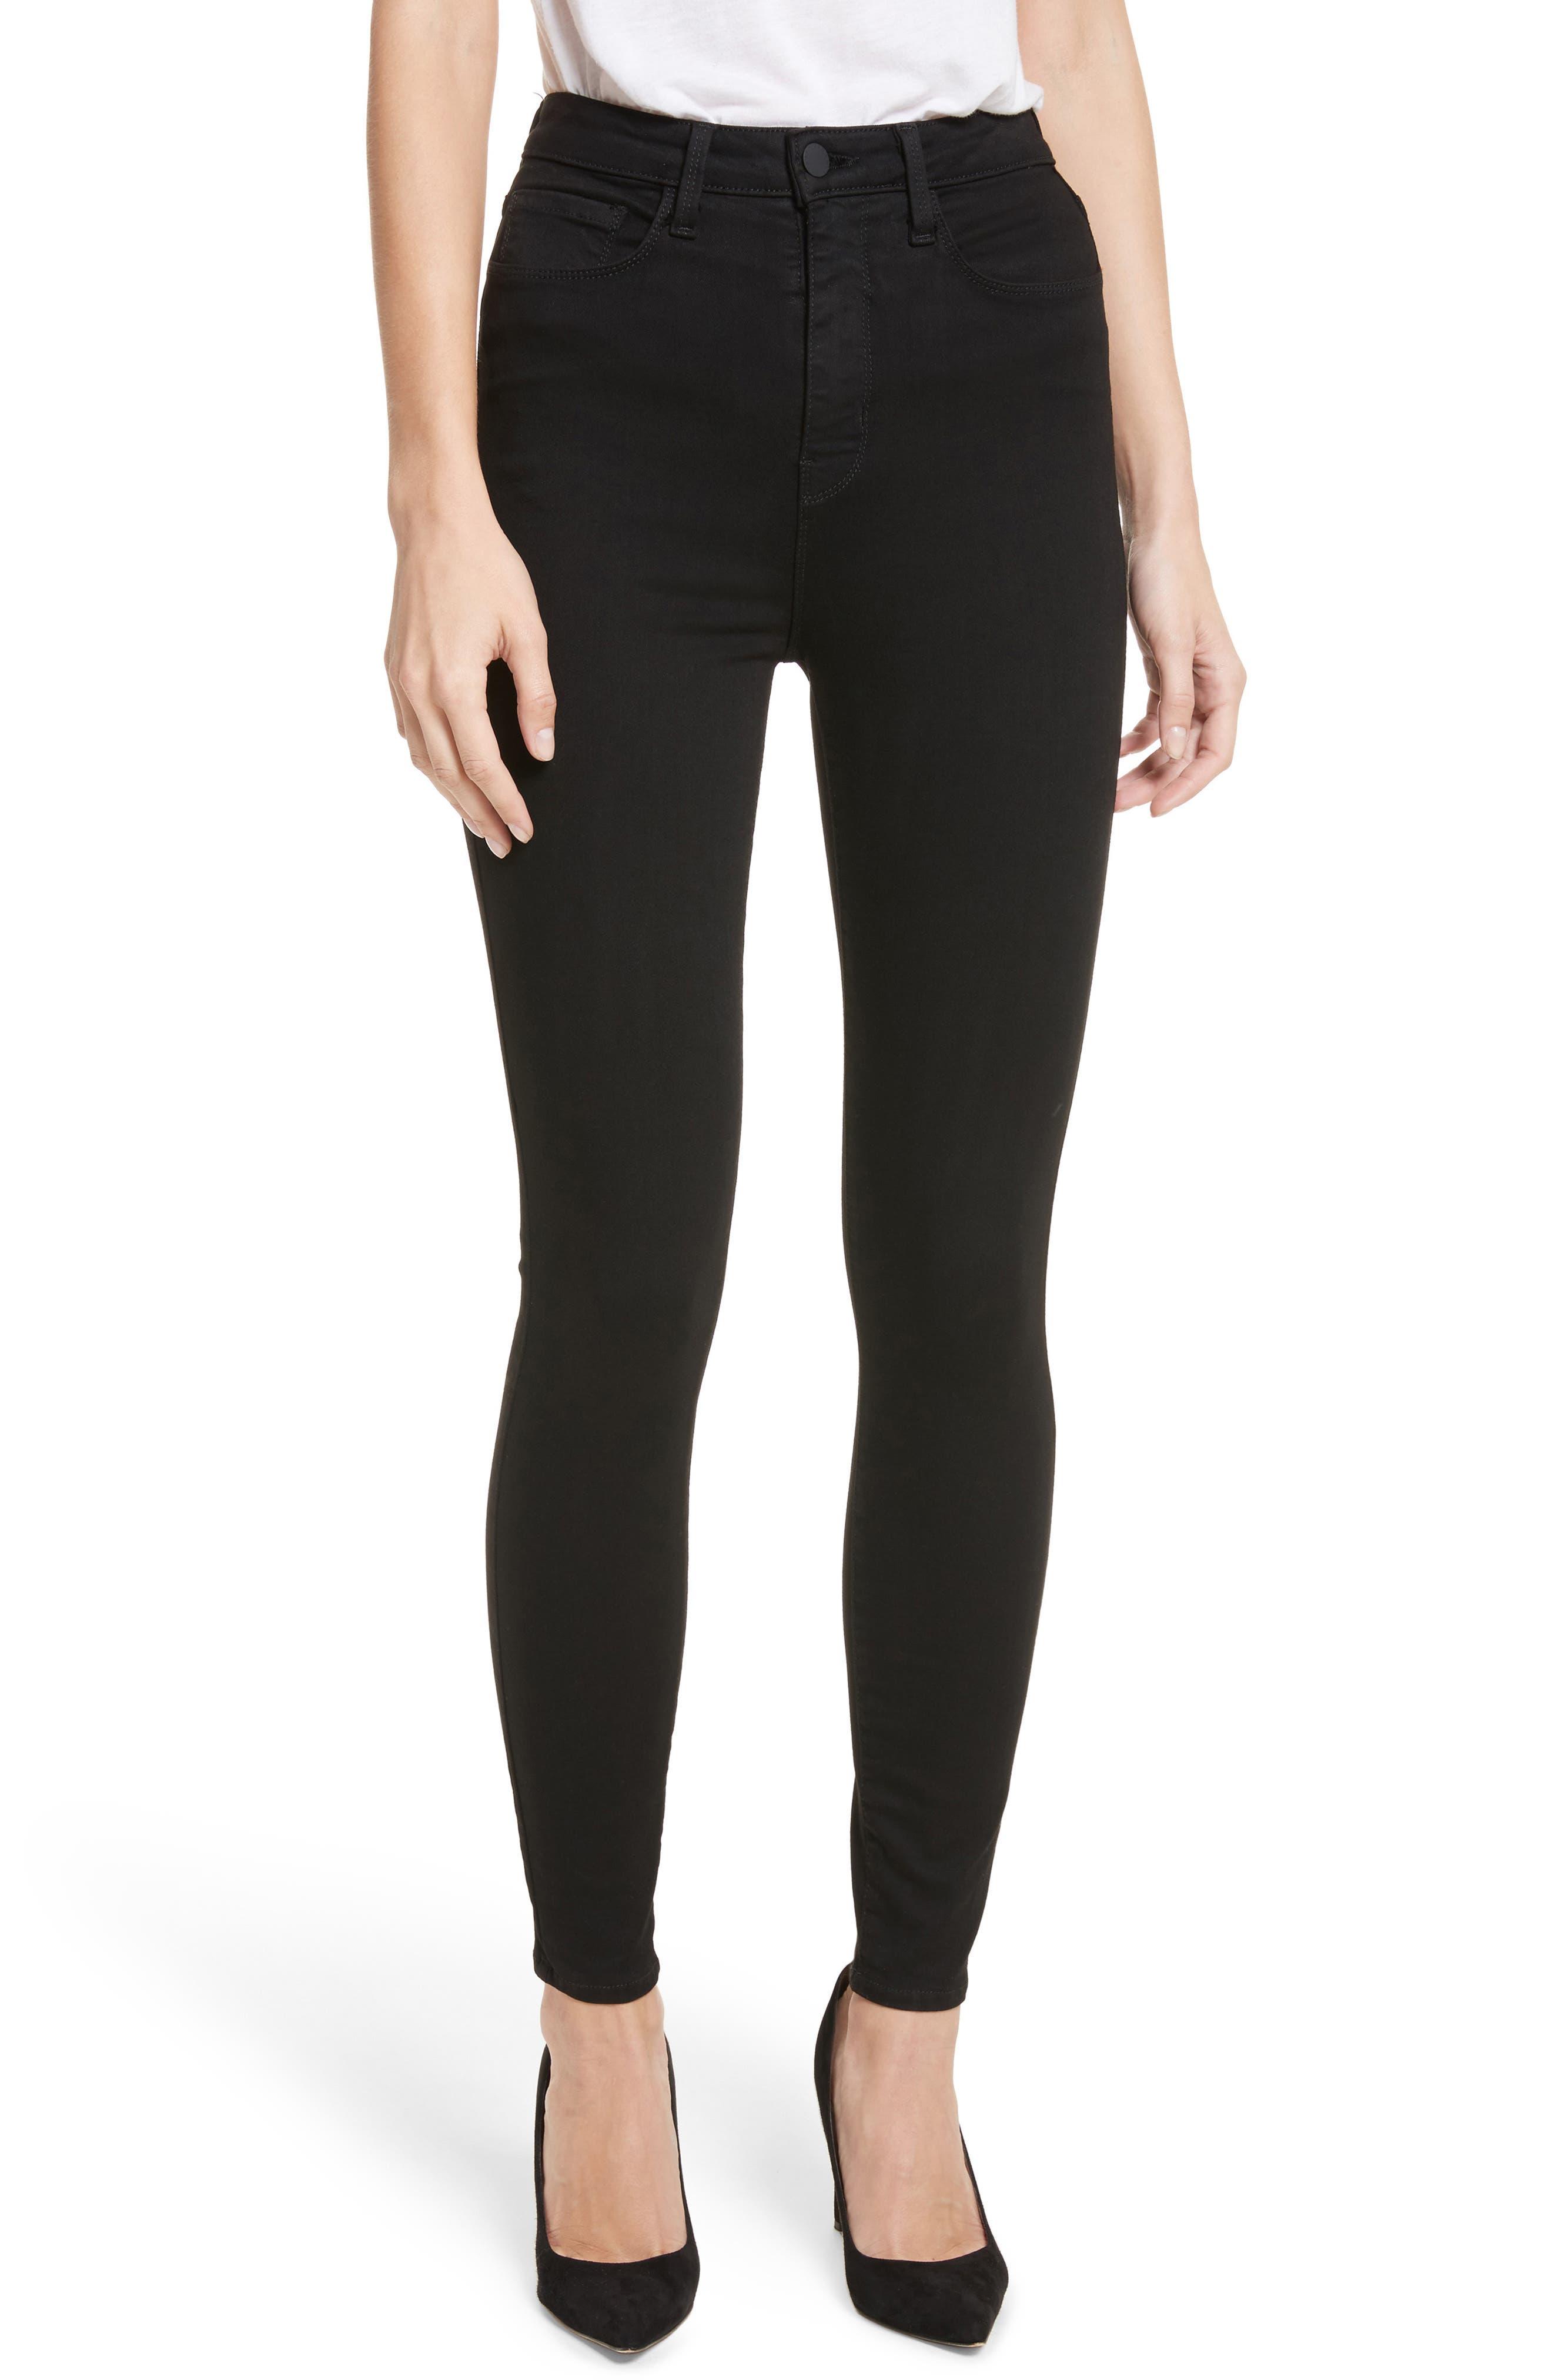 Katrina Ultra High Waist Skinny Jeans,                         Main,                         color, Noir